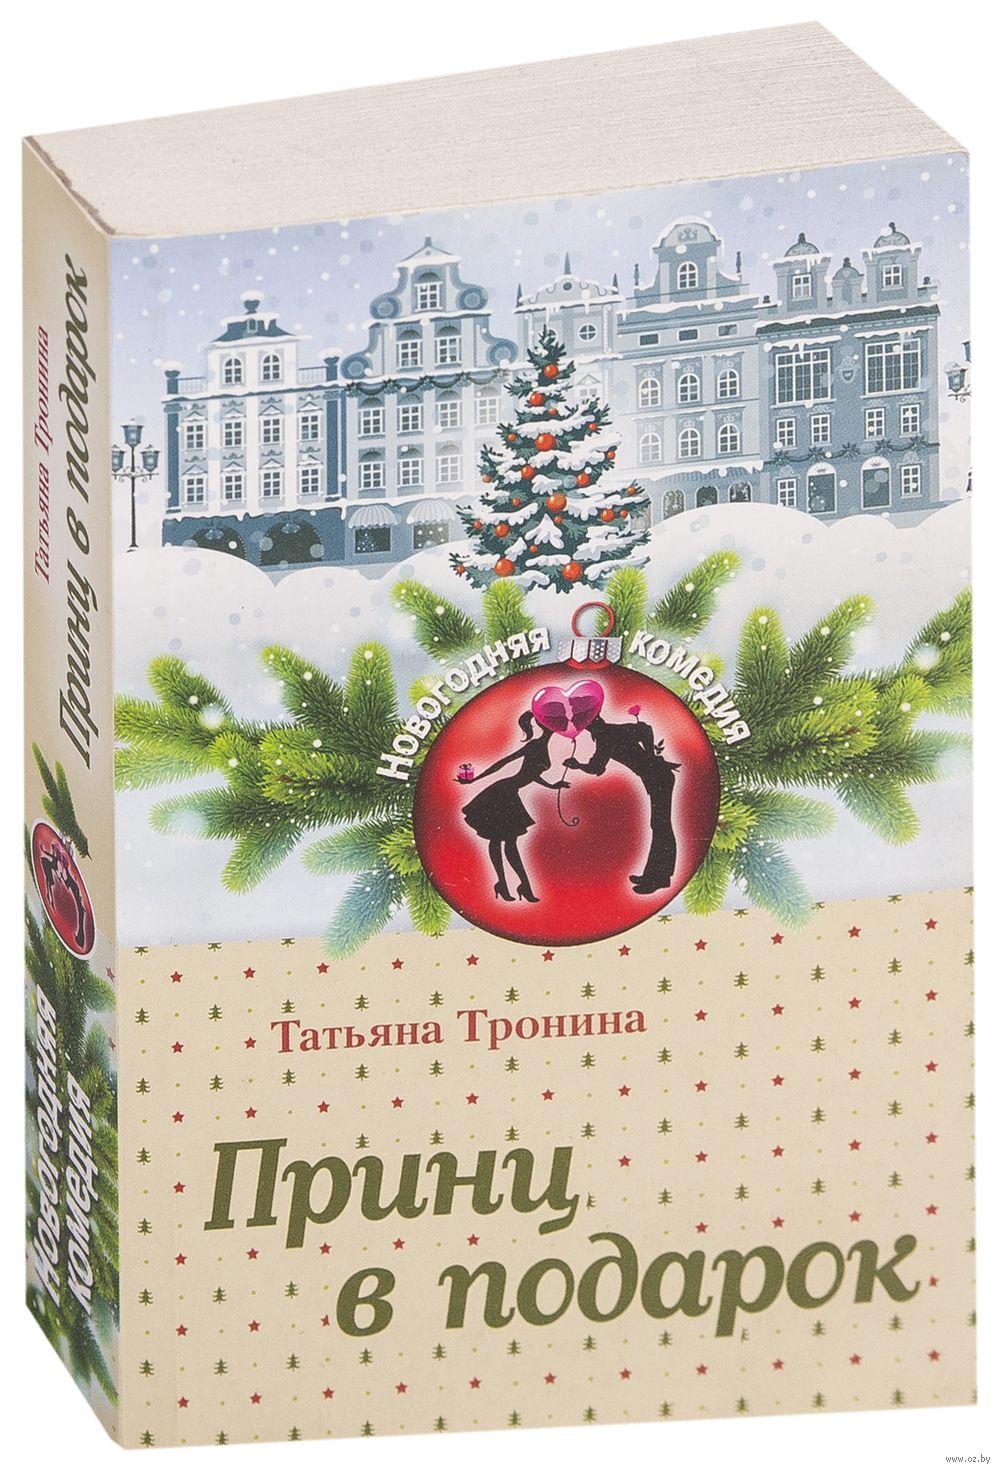 Серия Книг Новогодняя Комедия Бесплатно